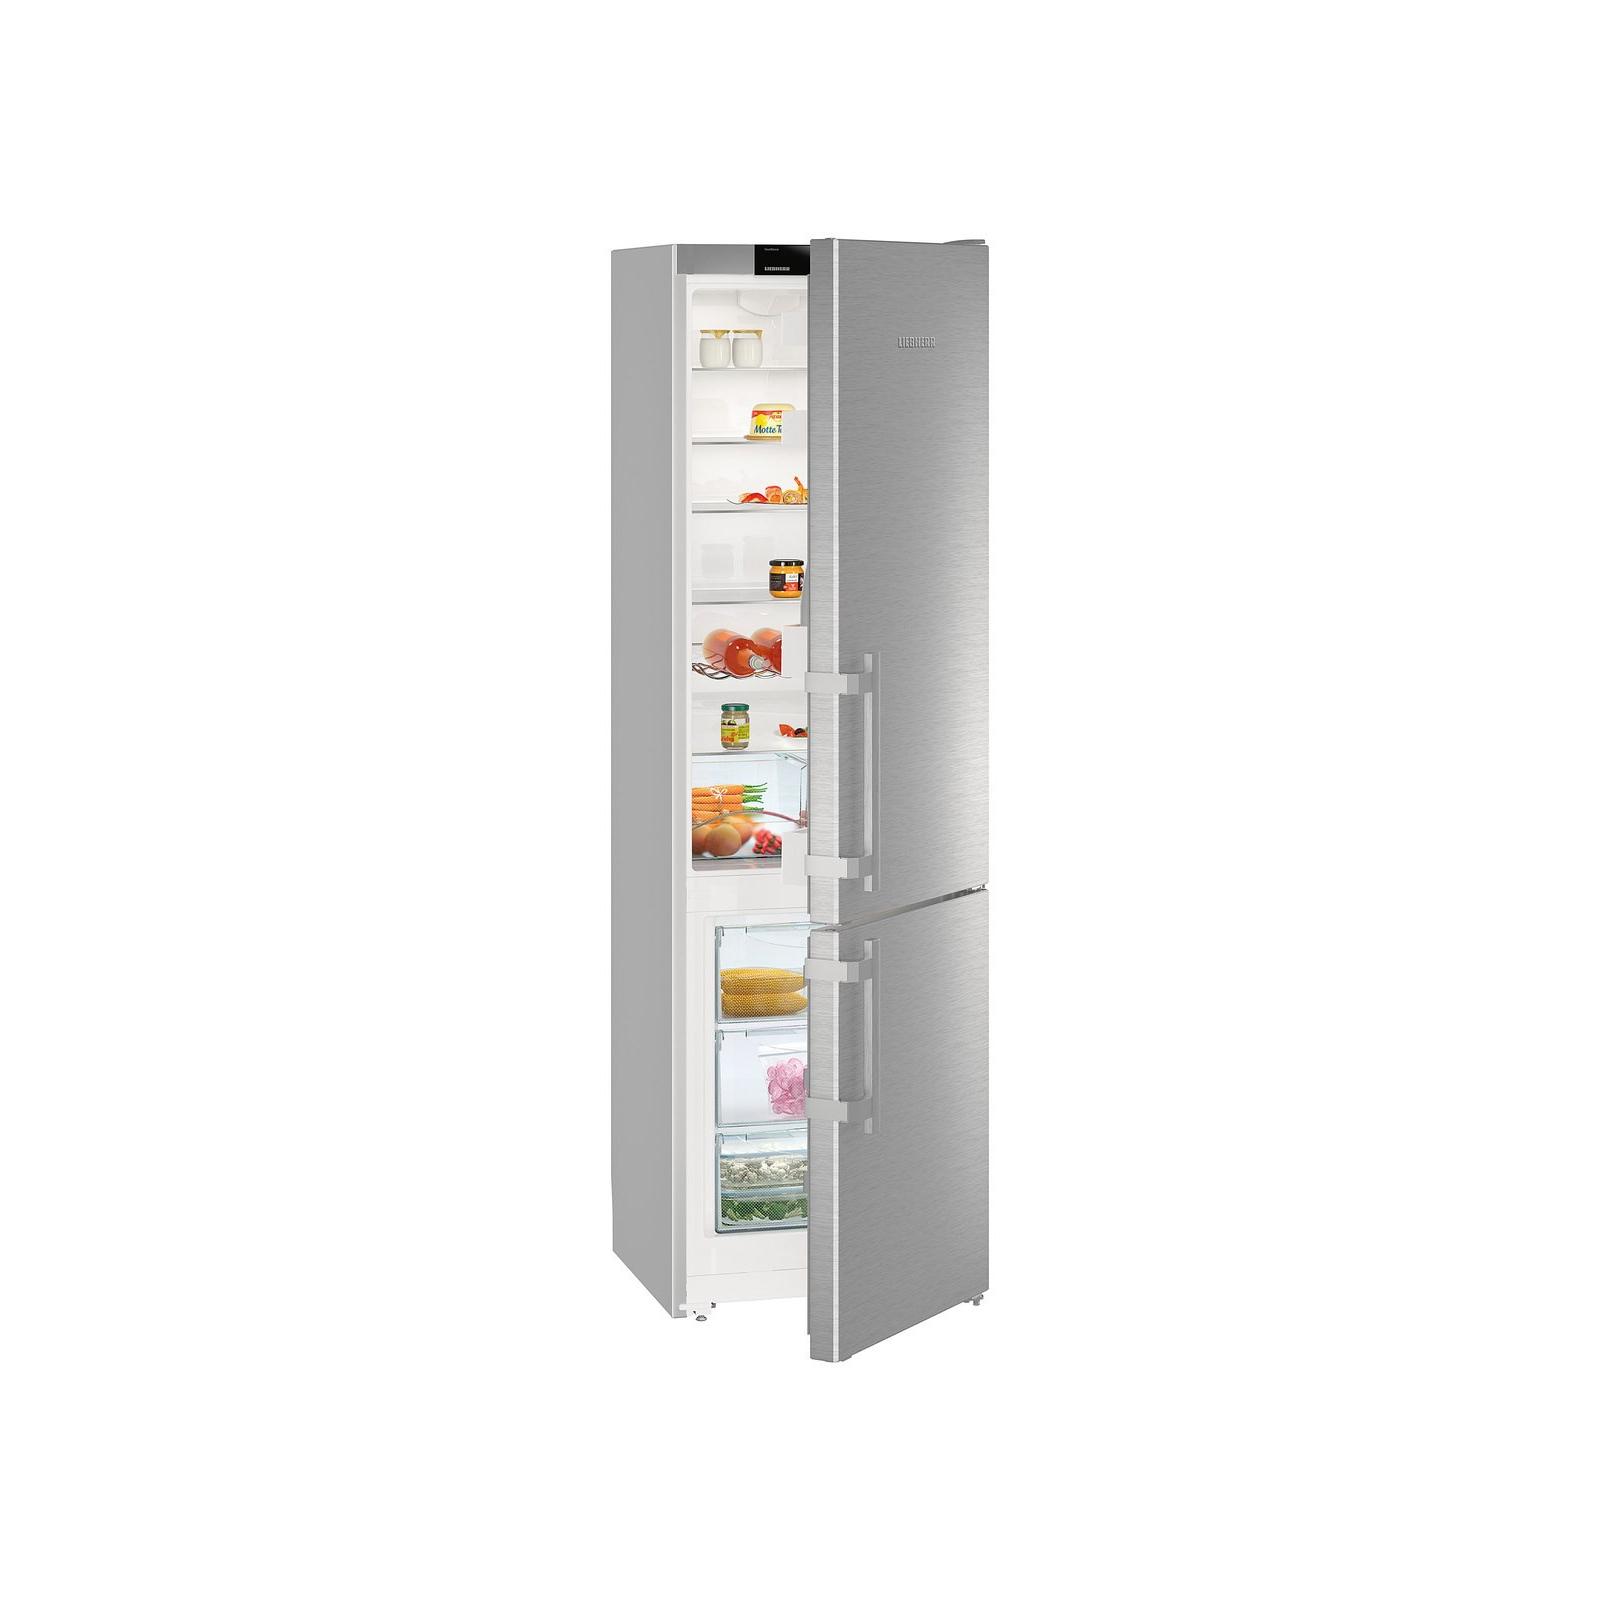 Холодильник Liebherr CUef 4015 изображение 4